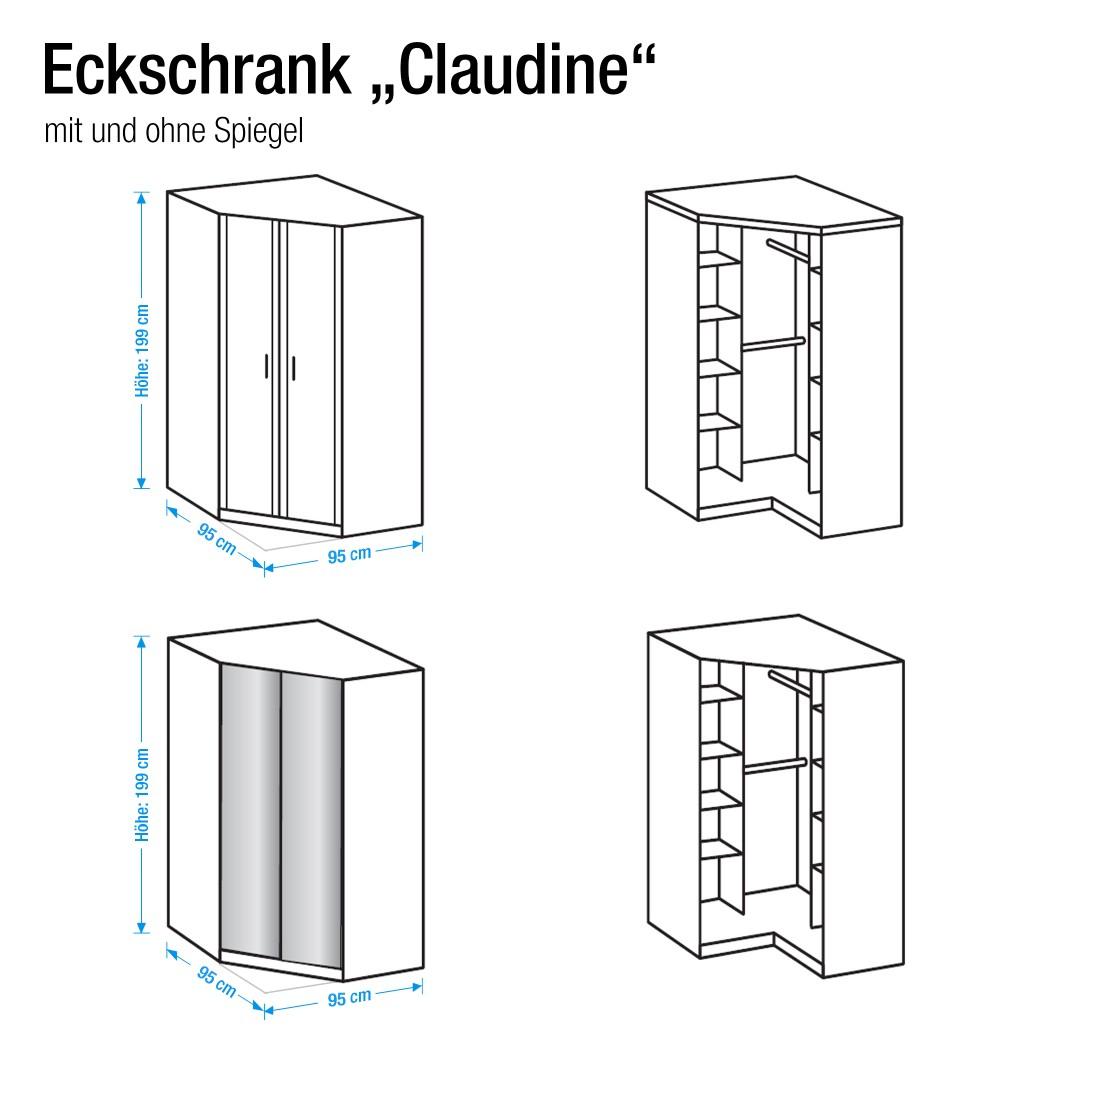 Schlafzimmer Eckschrank Modern Ikea Faktum Eckschrank Mit